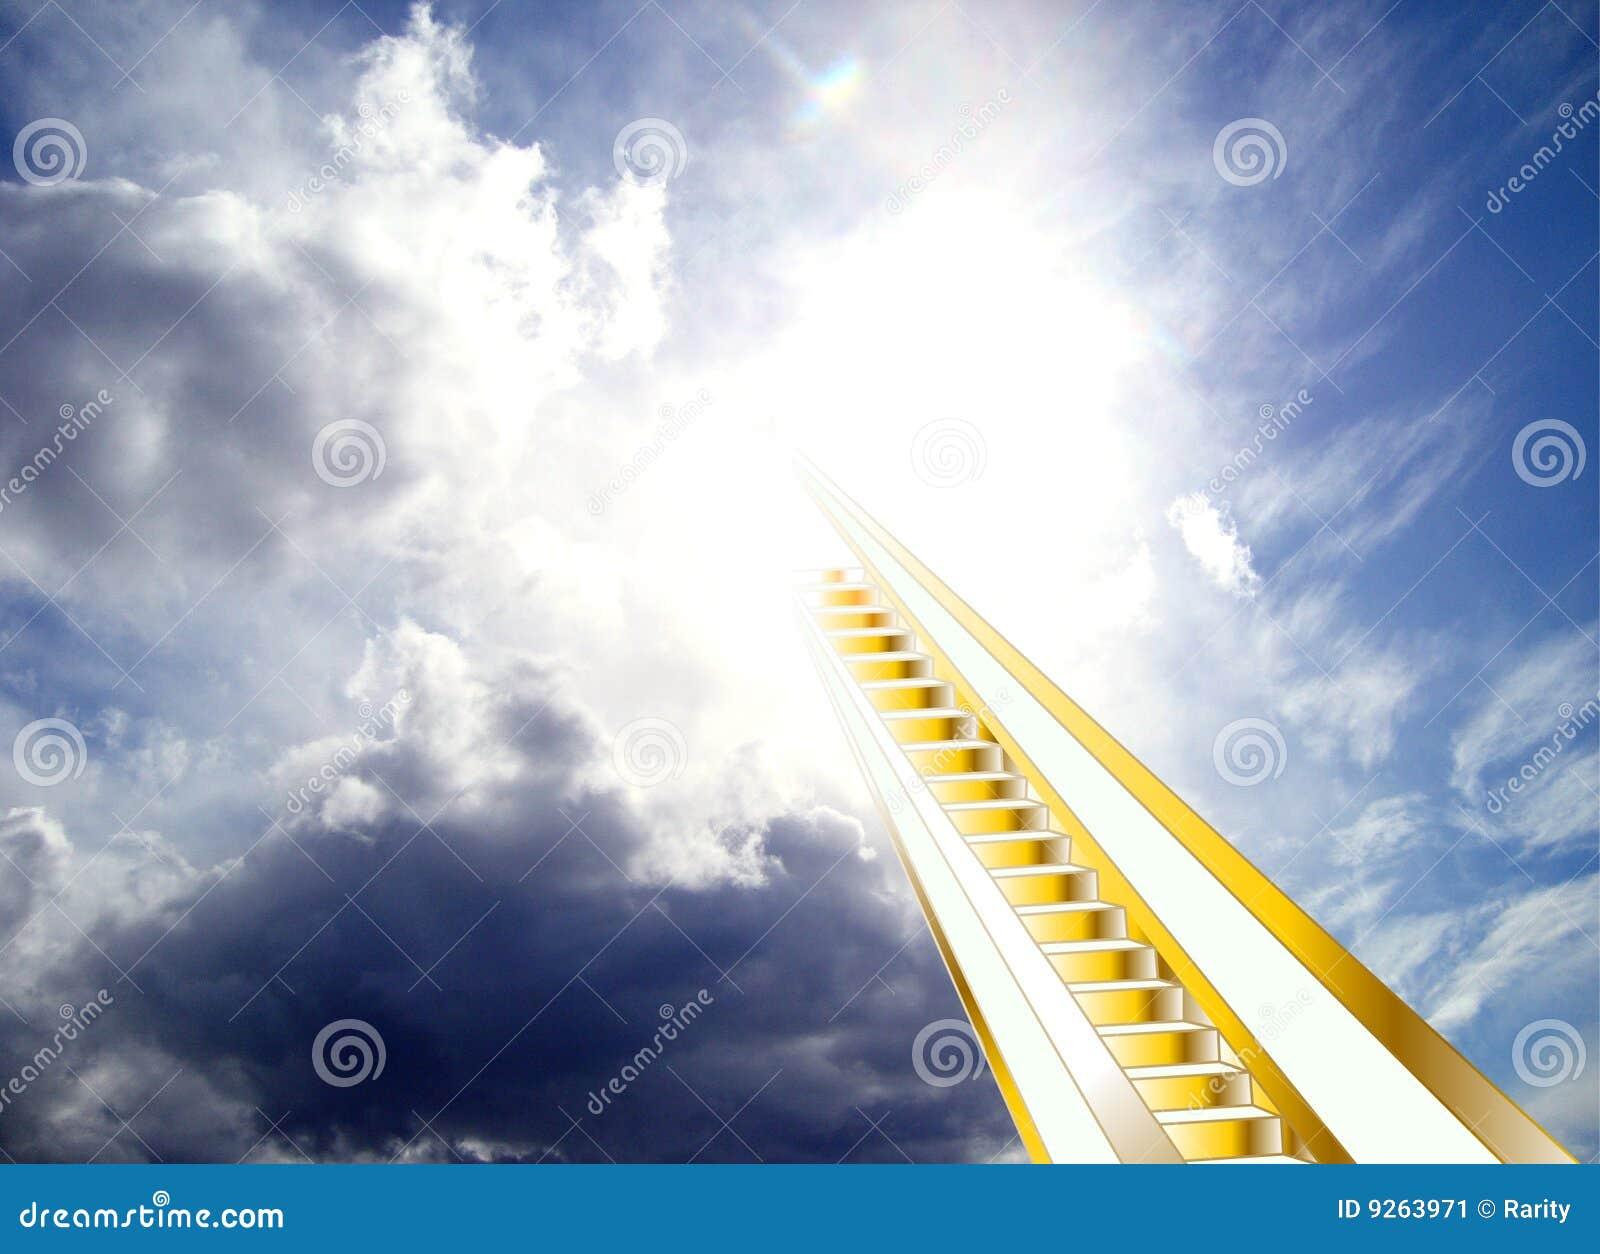 Stairway to golden heaven - 5 6